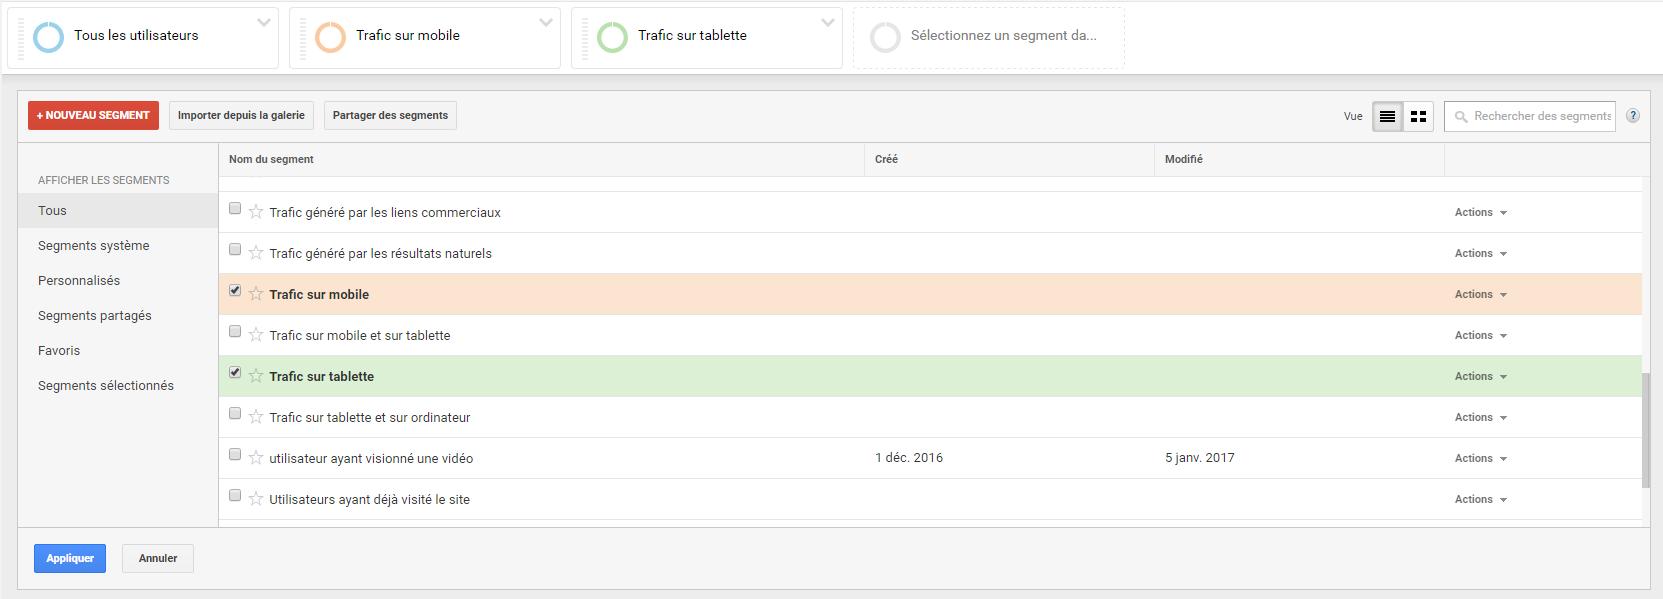 Ecran Google Analytics pour paramétrer un segment par appareil